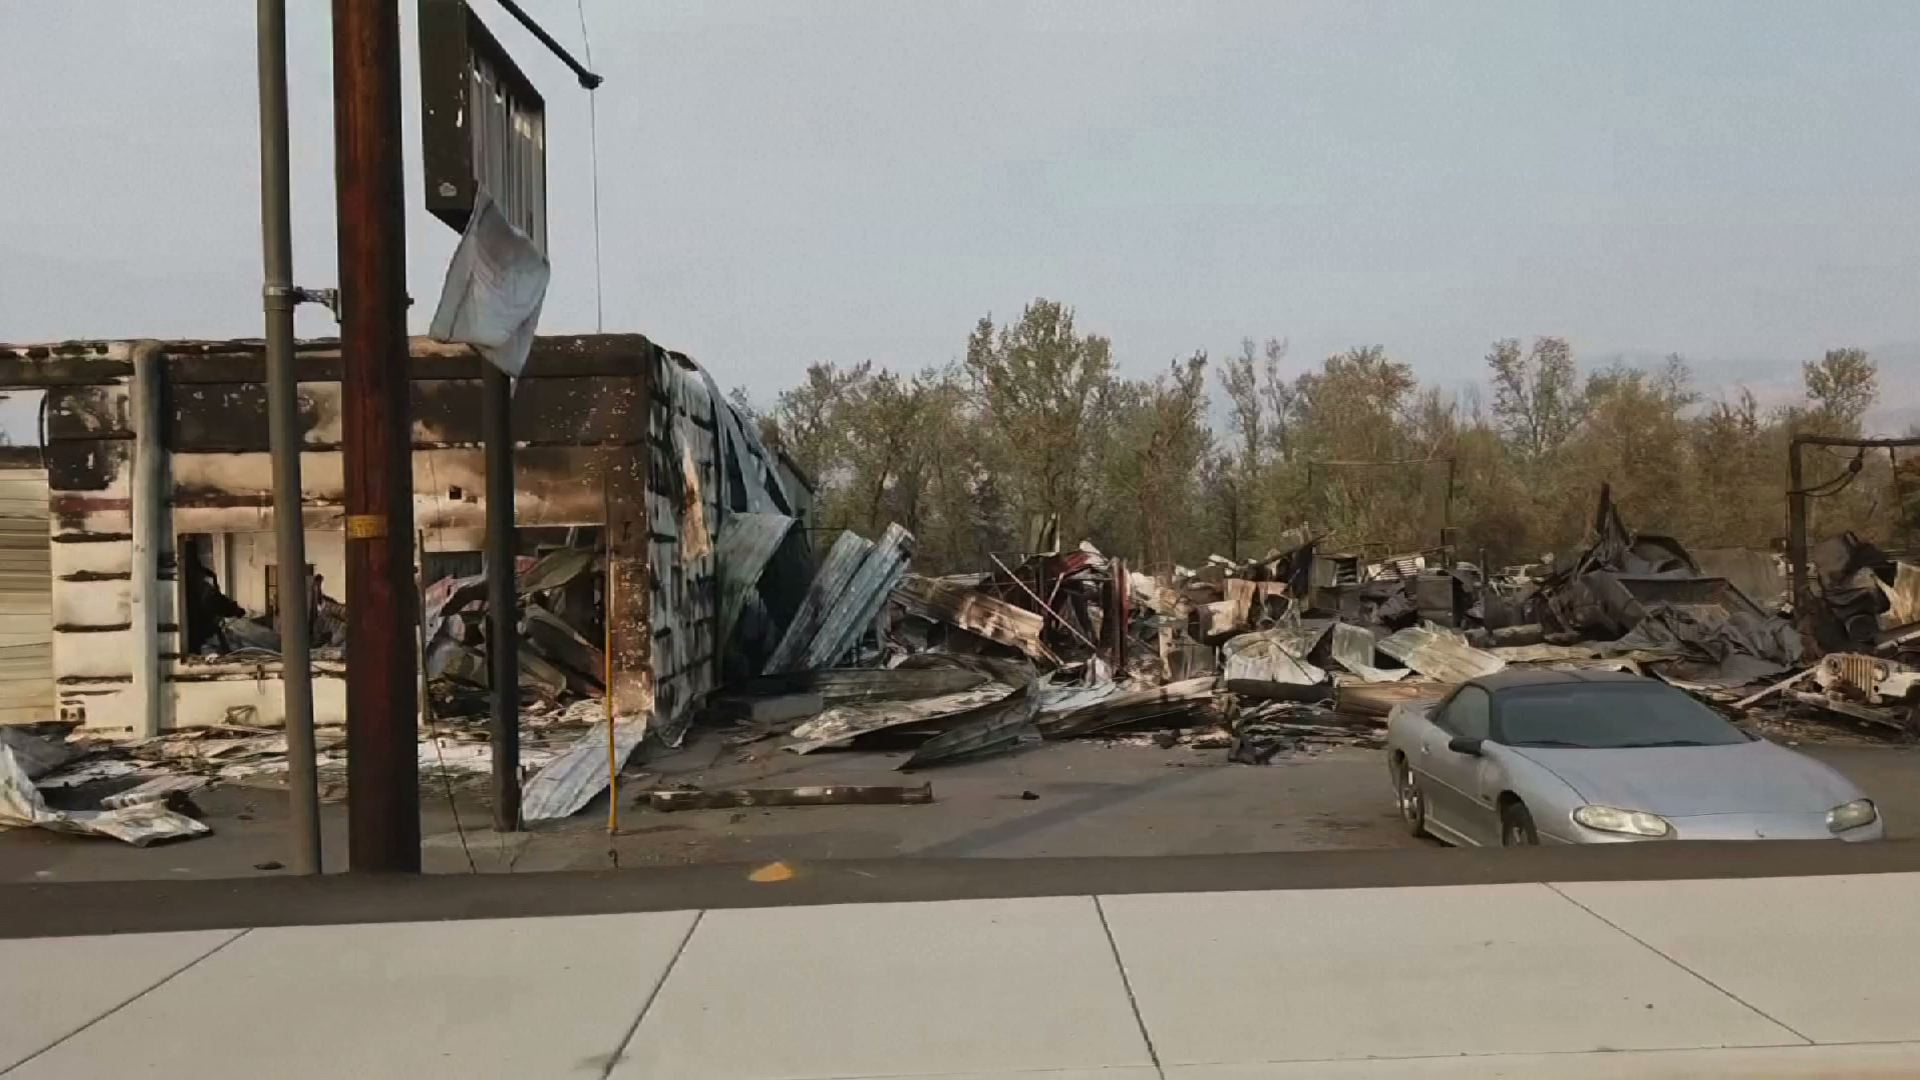 10 phần trăm dân số tiểu bang Oregon được yêu cầu di tản khi cháy rừng giết chết 24 người ở bờ Tây